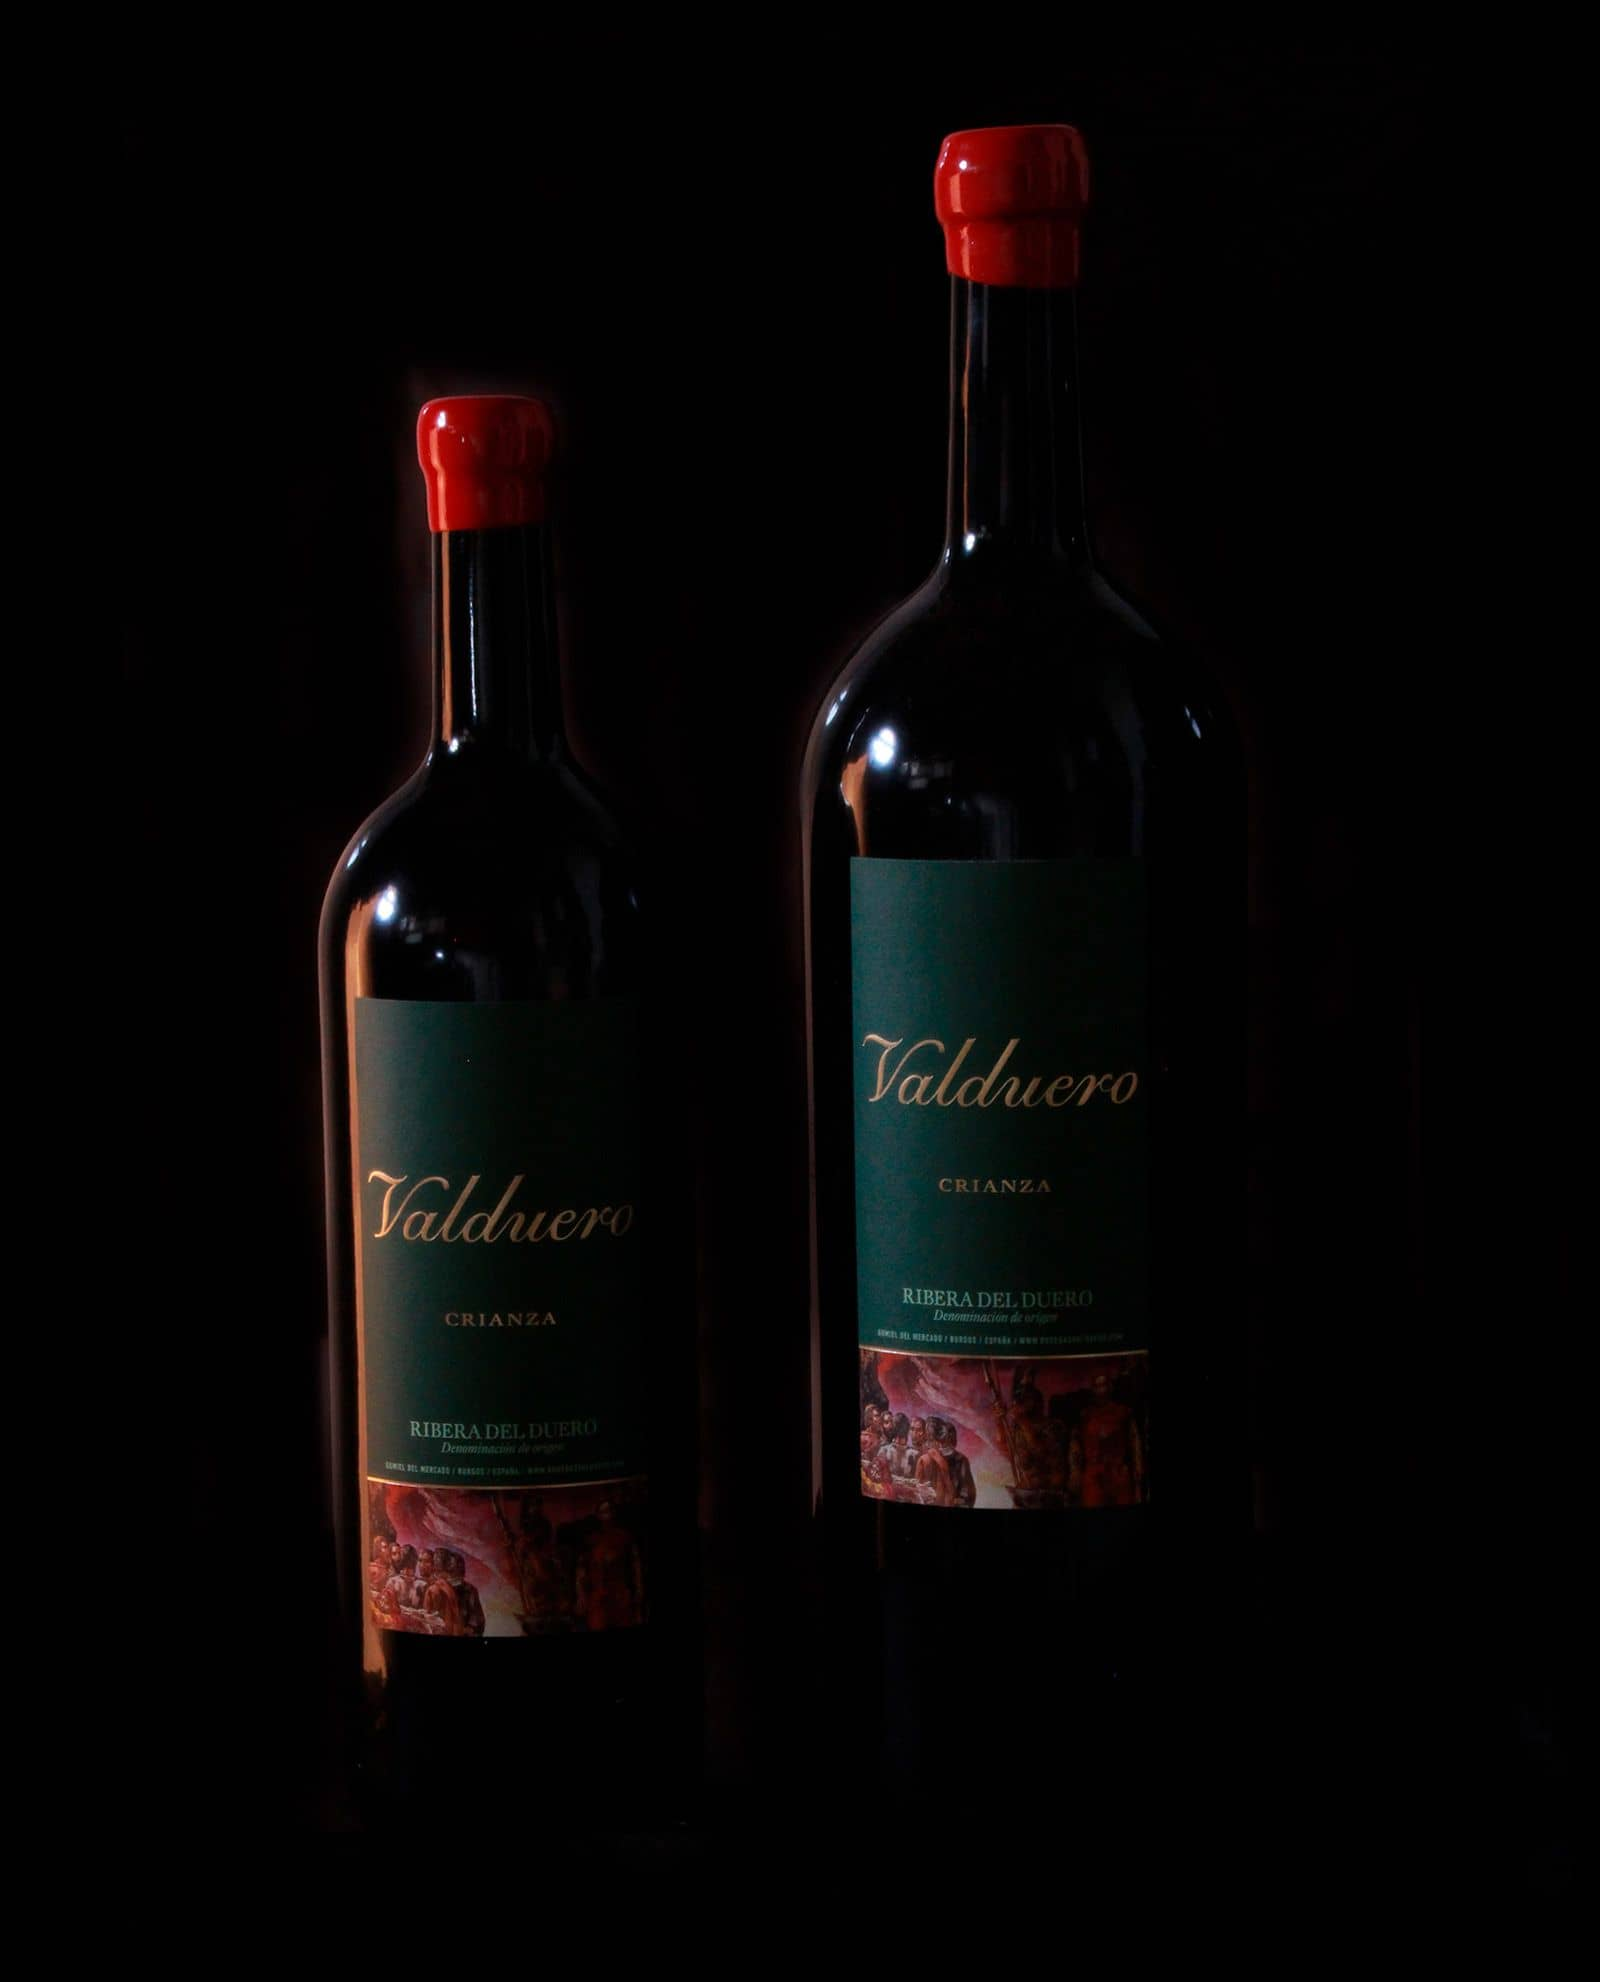 Tamaño botellas vino Valduero Crianza, Vino Ribera del Duero, VIno tinto